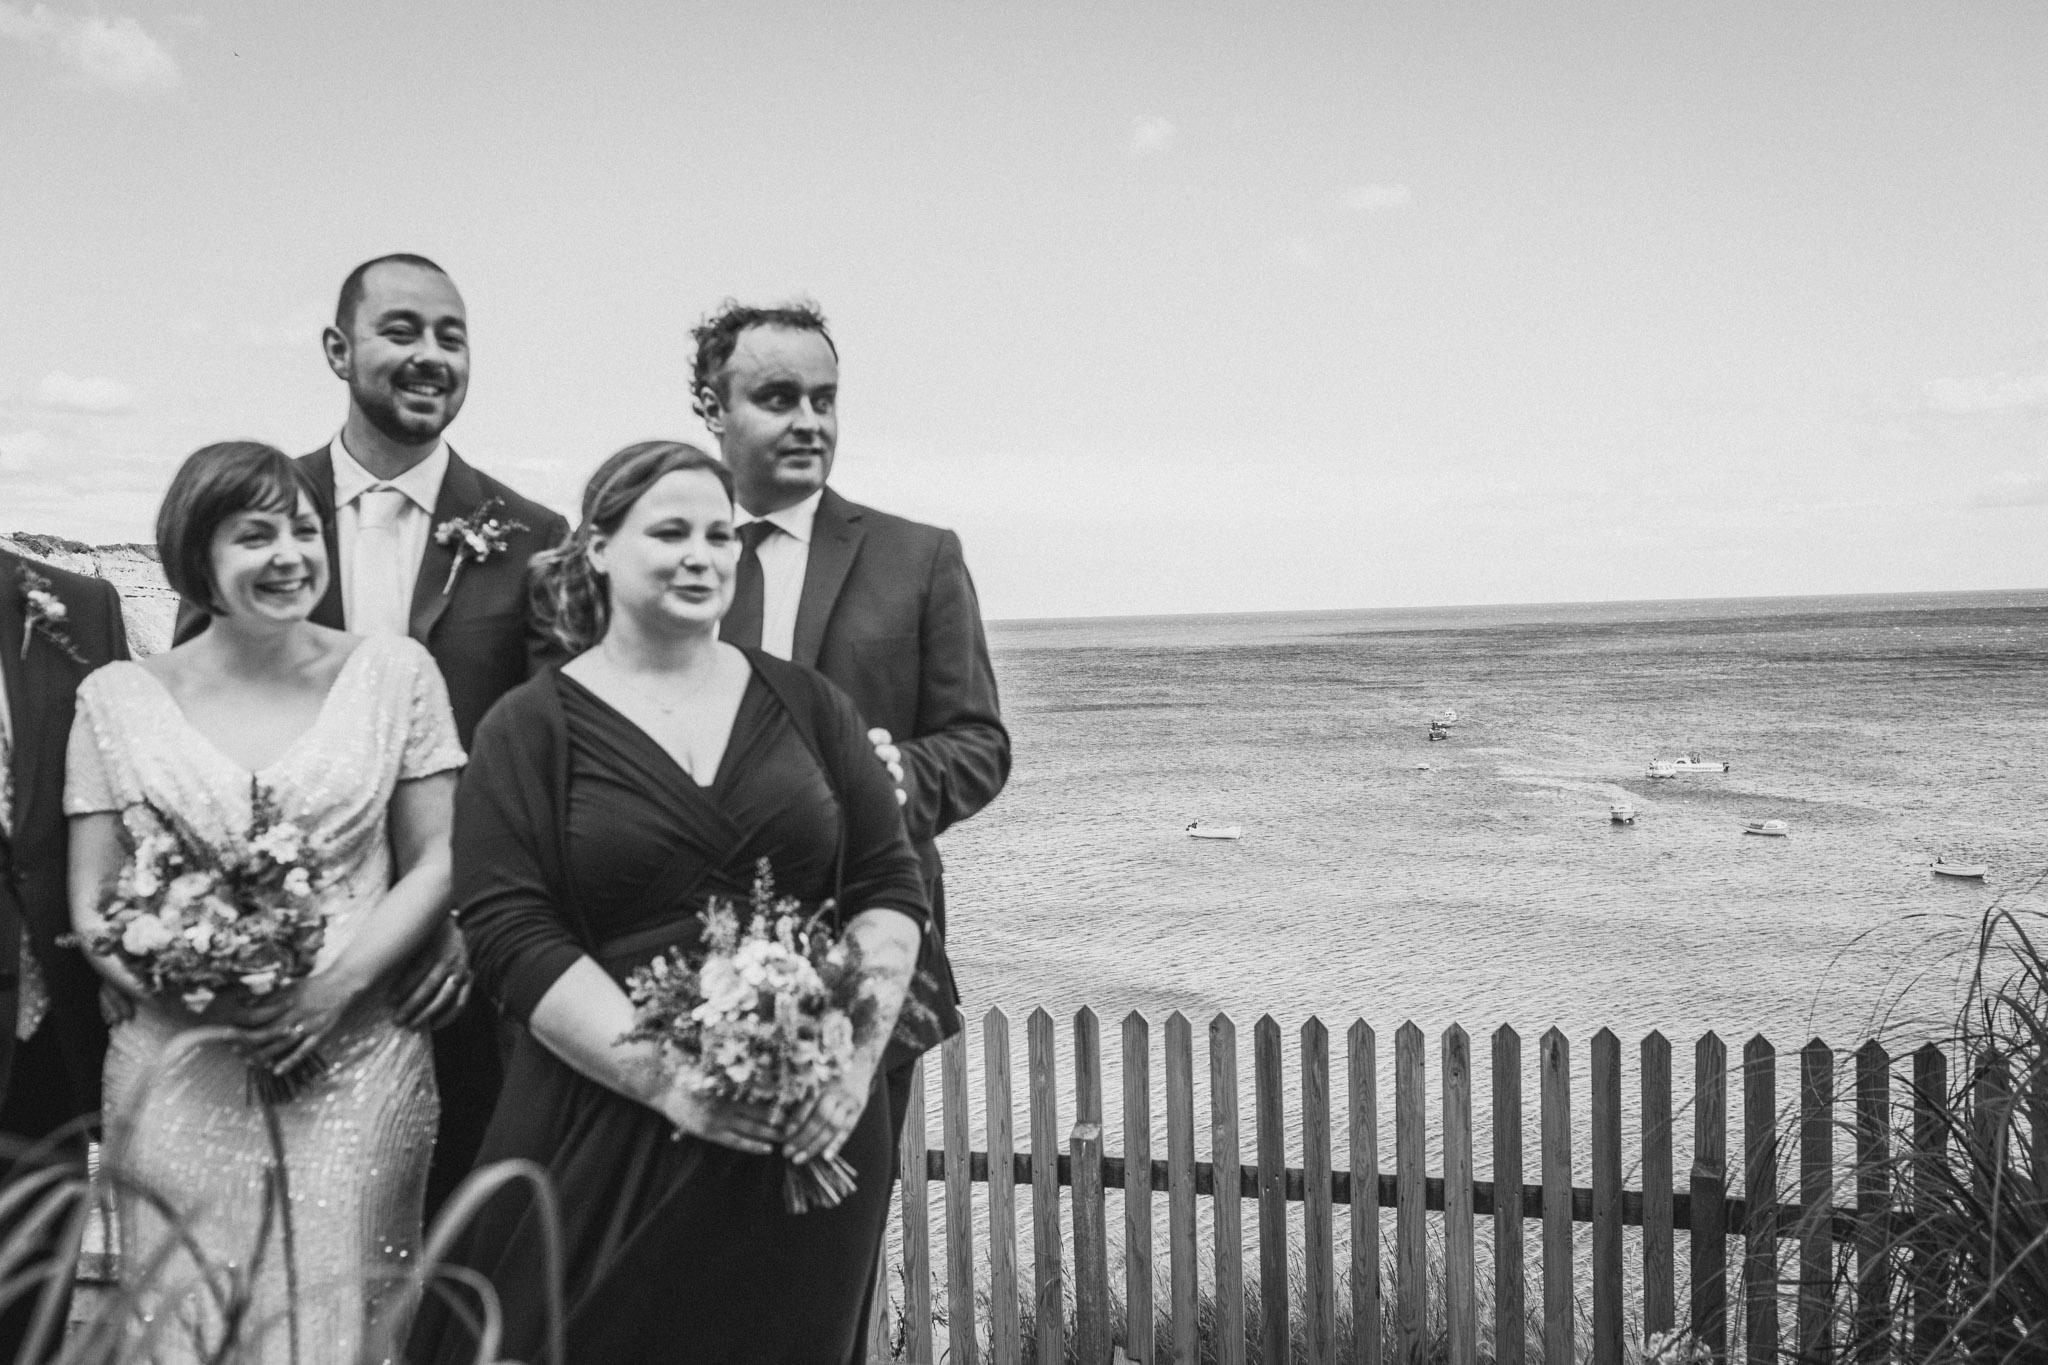 wedding_robin_hoods_bay_whitby_043.jpg